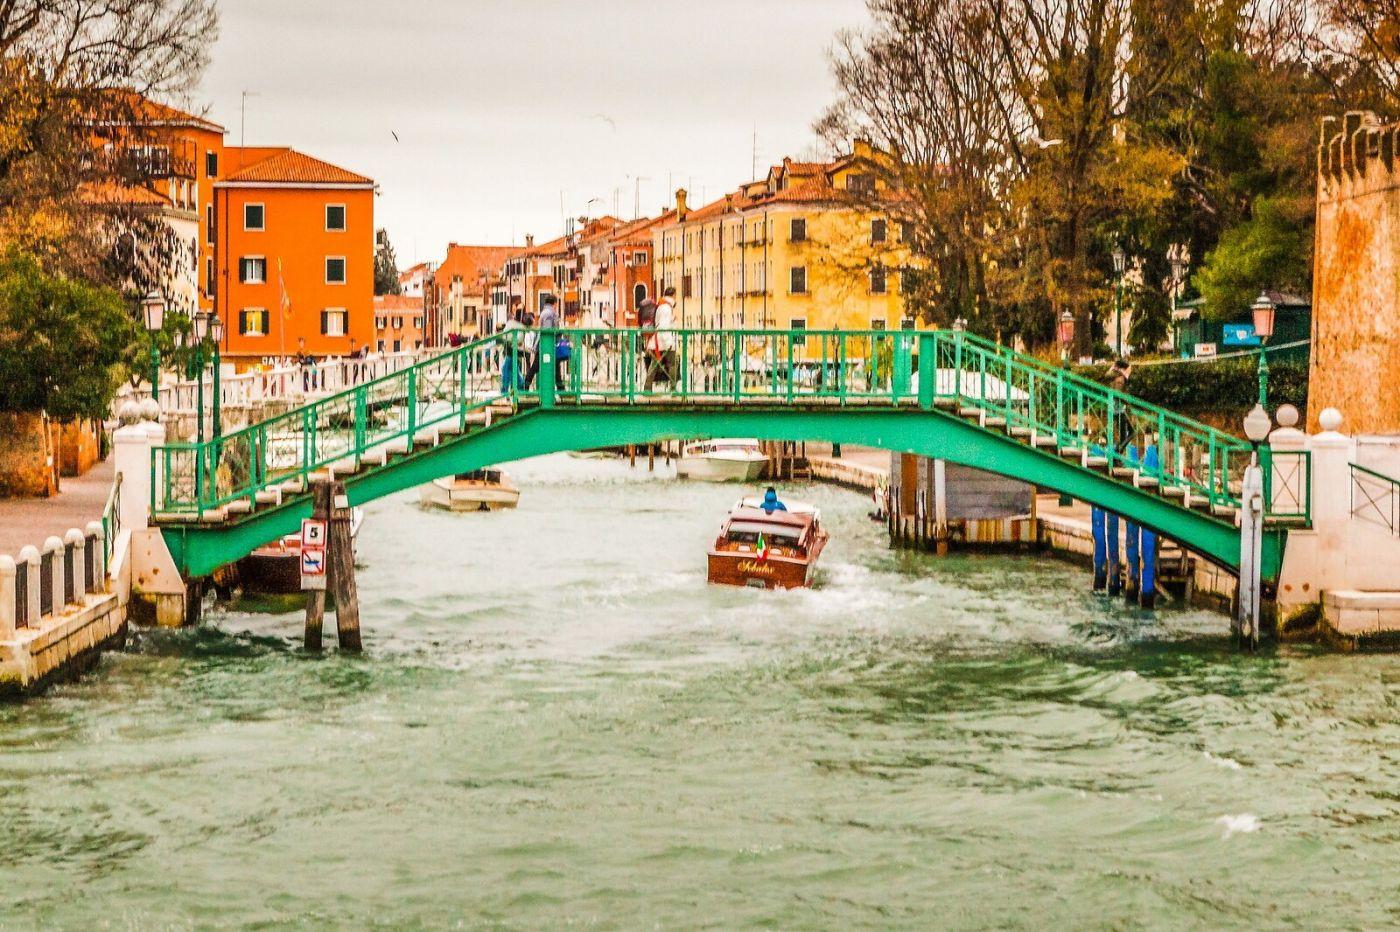 意大利威尼斯,桥的艺术_图1-19